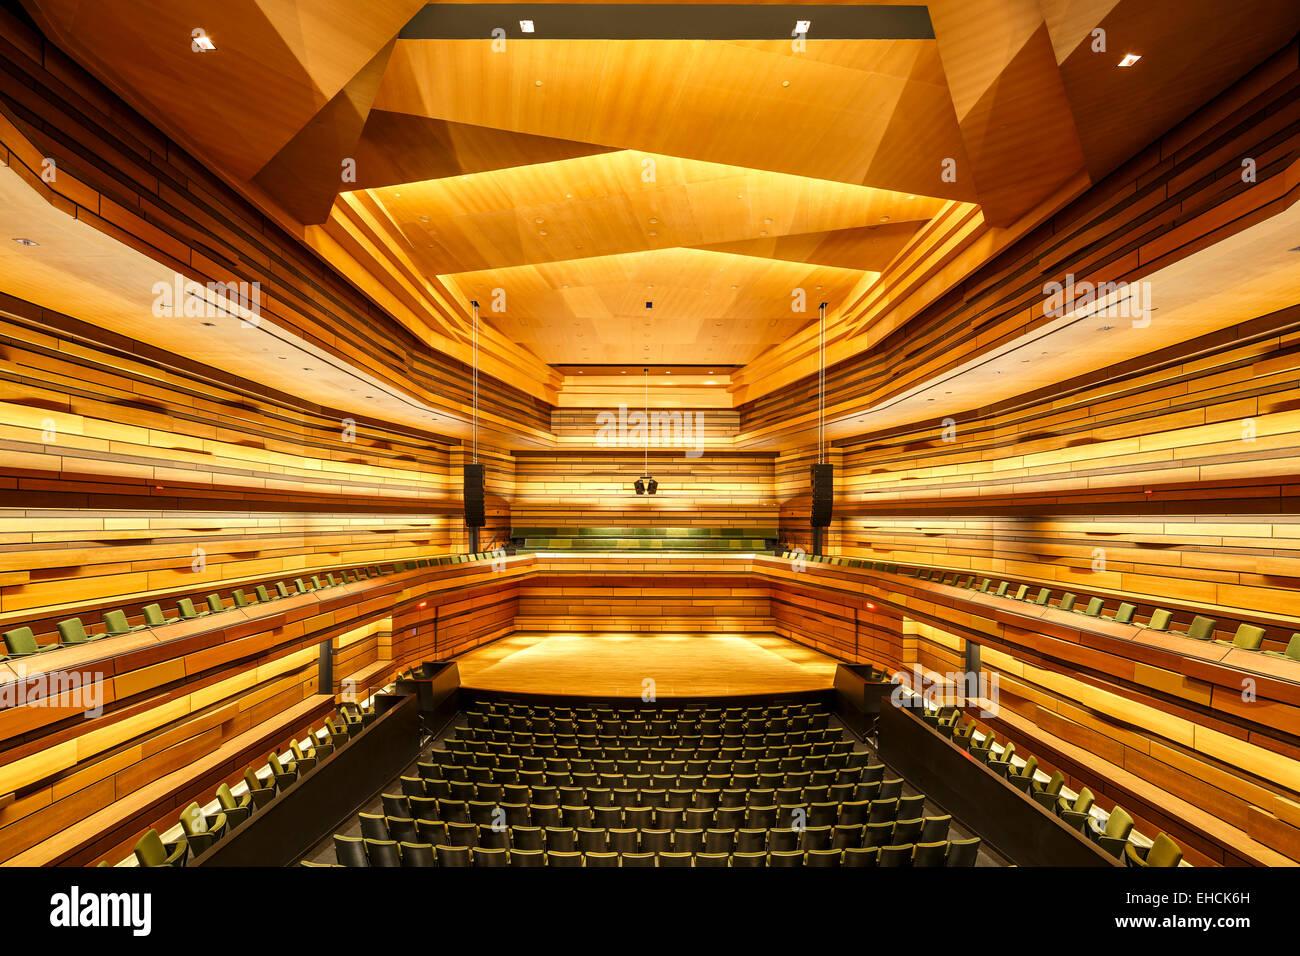 Das Konzert Halle Design beschäftigt eine asymmetrische Layout in ...